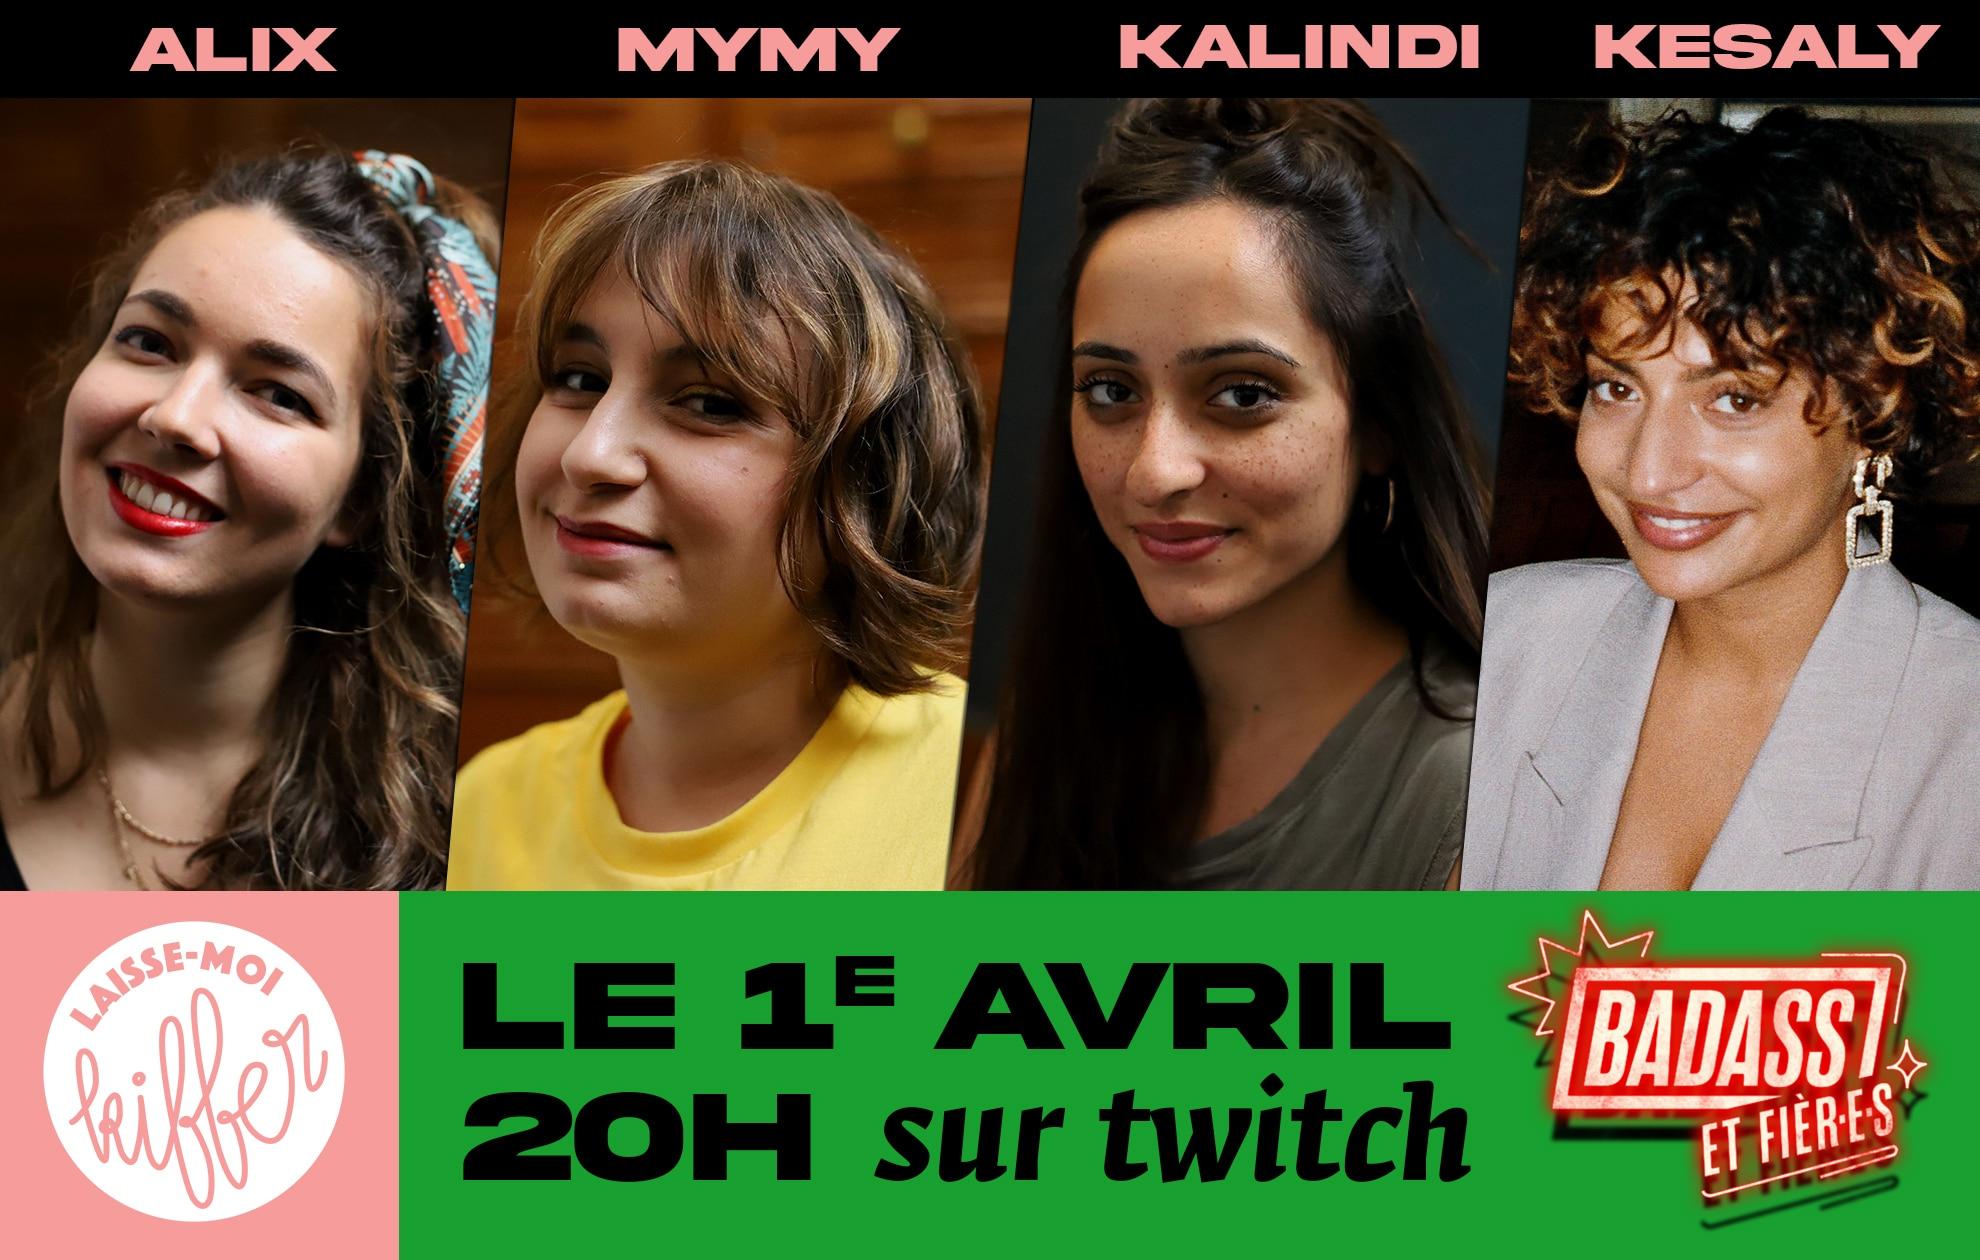 Live Twitch exceptionnel pour «Laisse-moi kiffer» ce 1er avril à 20h!